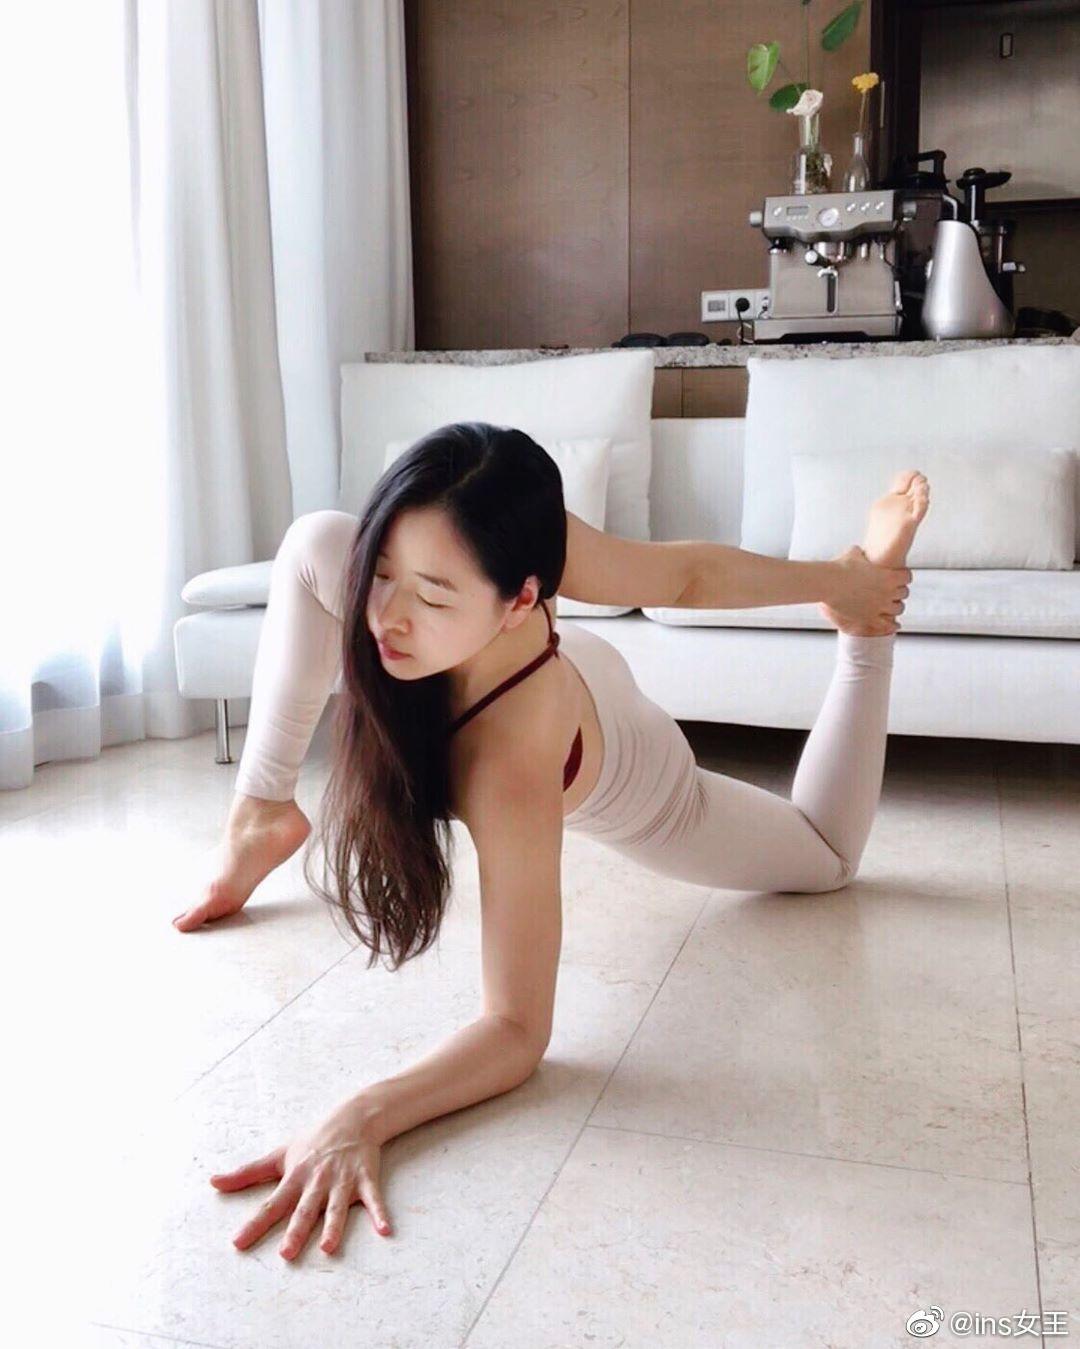 好身材的韩国家庭主妇 Sanga_yogini高叉紧身衣瑜伽教学 发现美